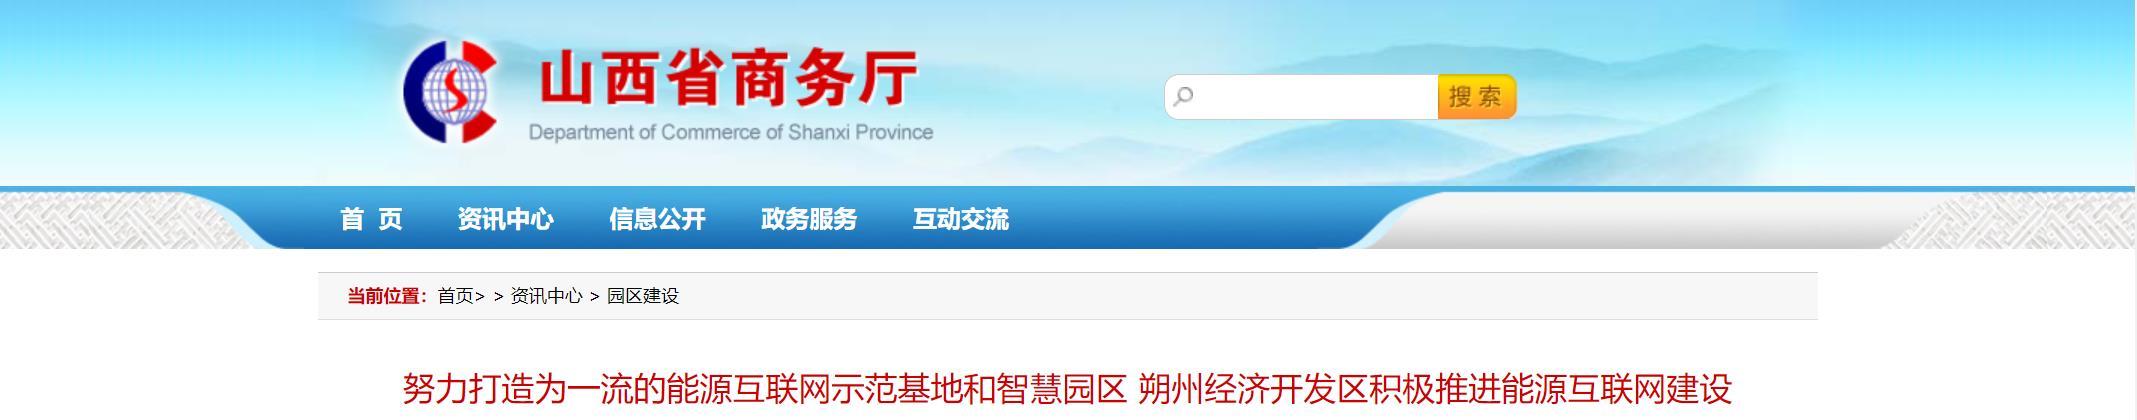 朔州经济开发区积极推进能源互联网建设